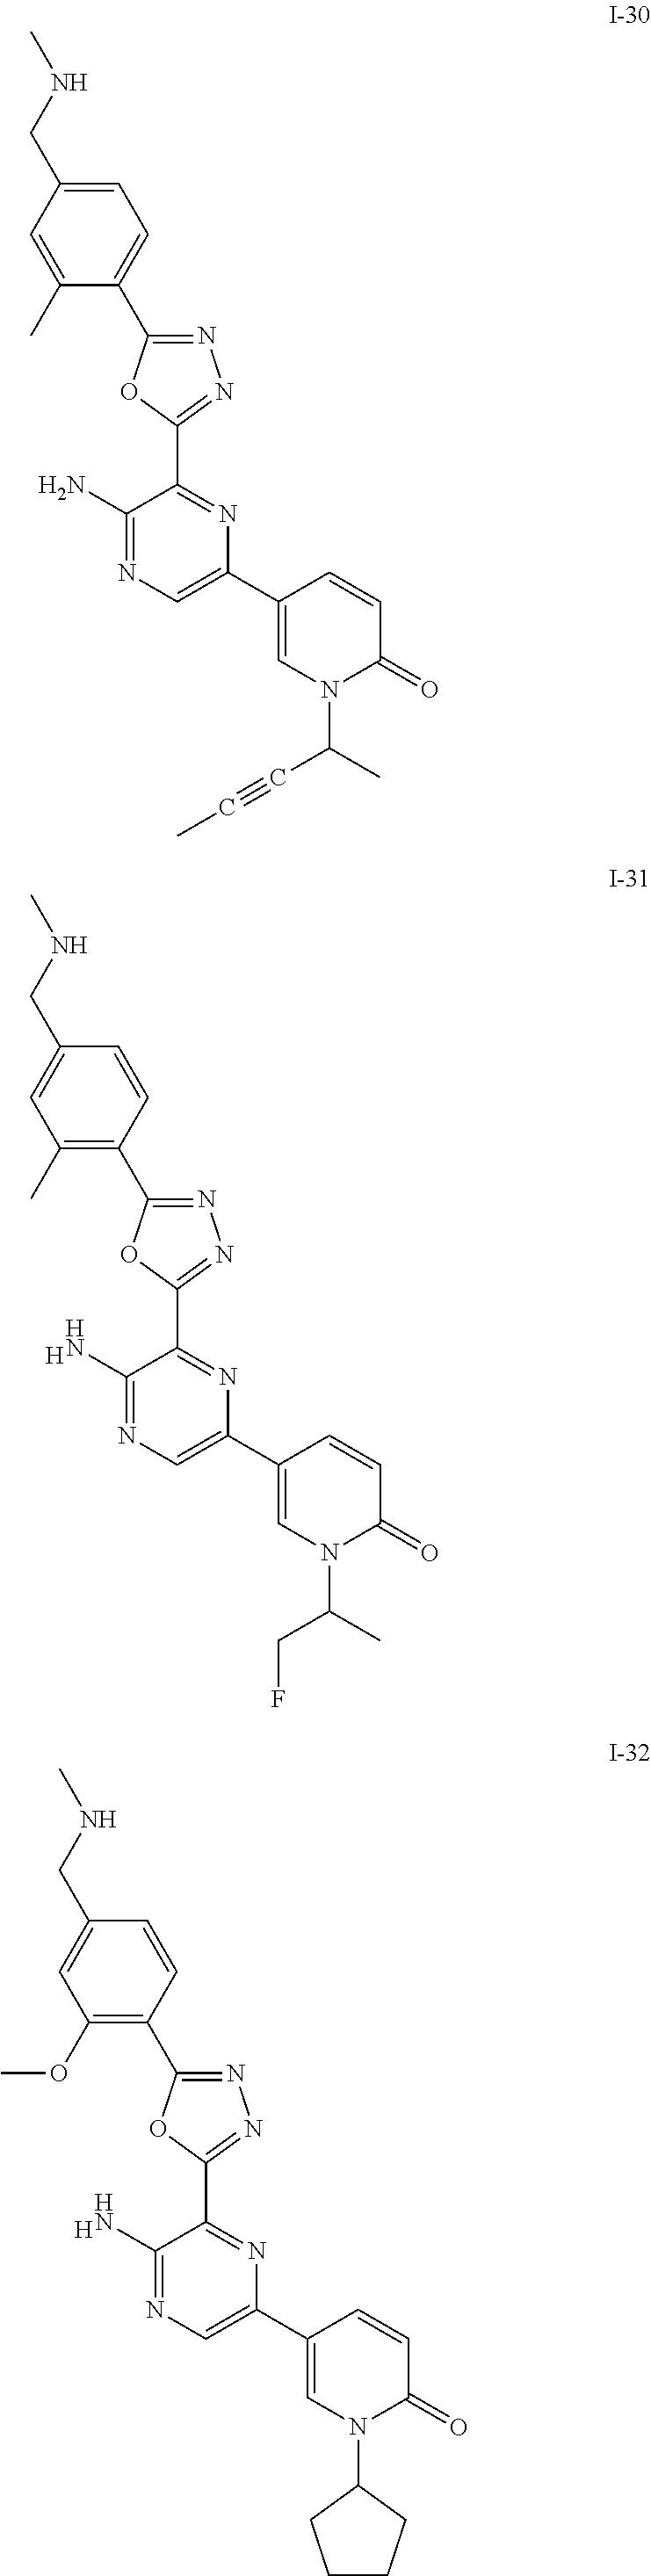 Figure US09630956-20170425-C00227